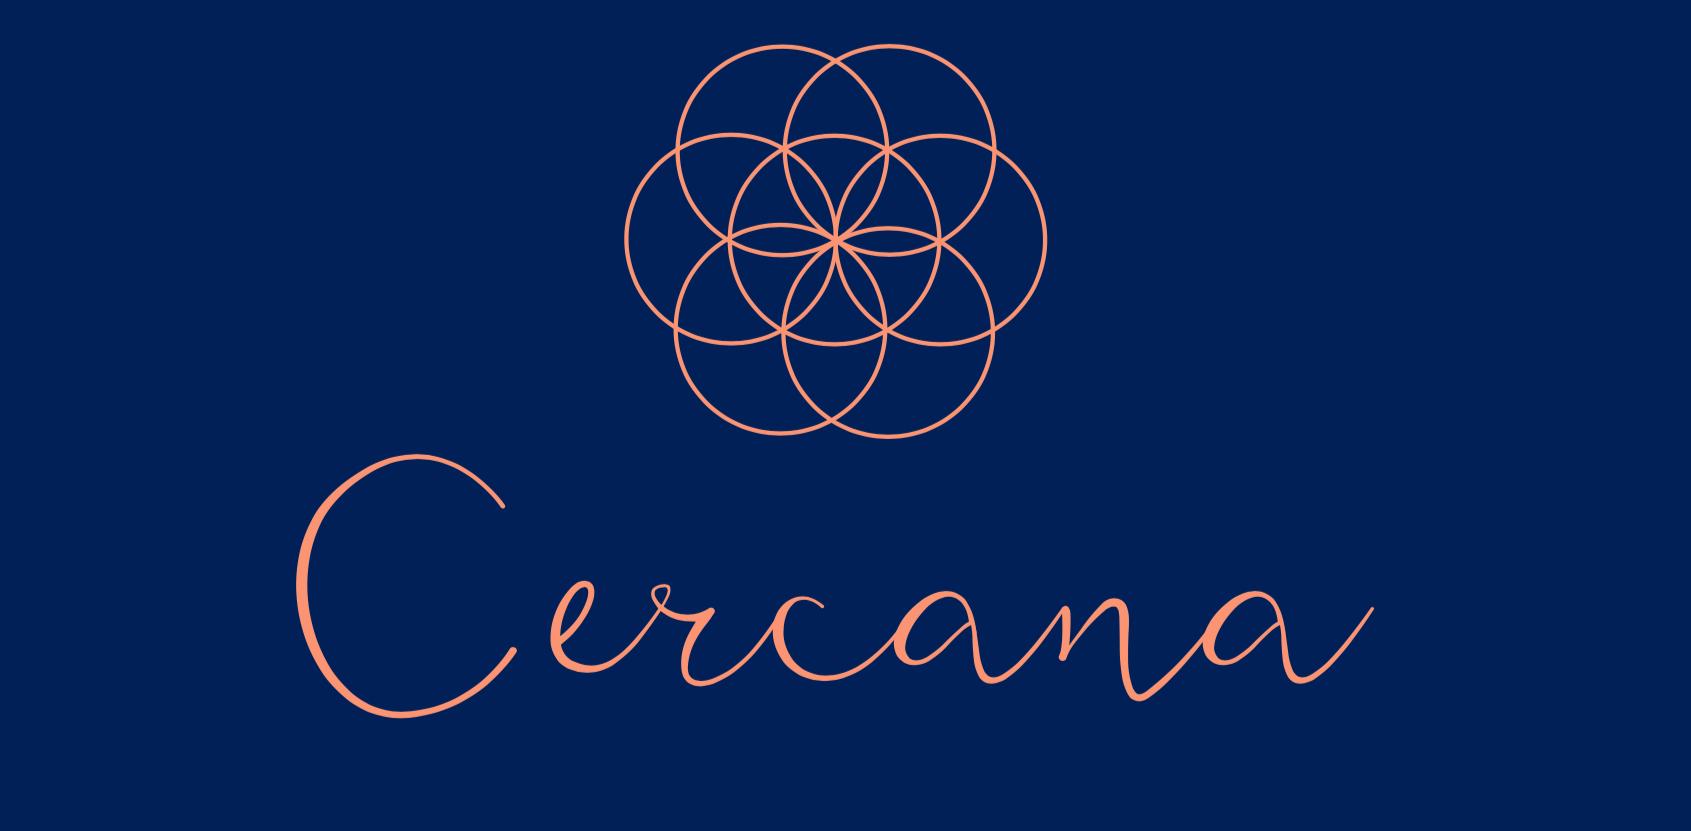 Cercana